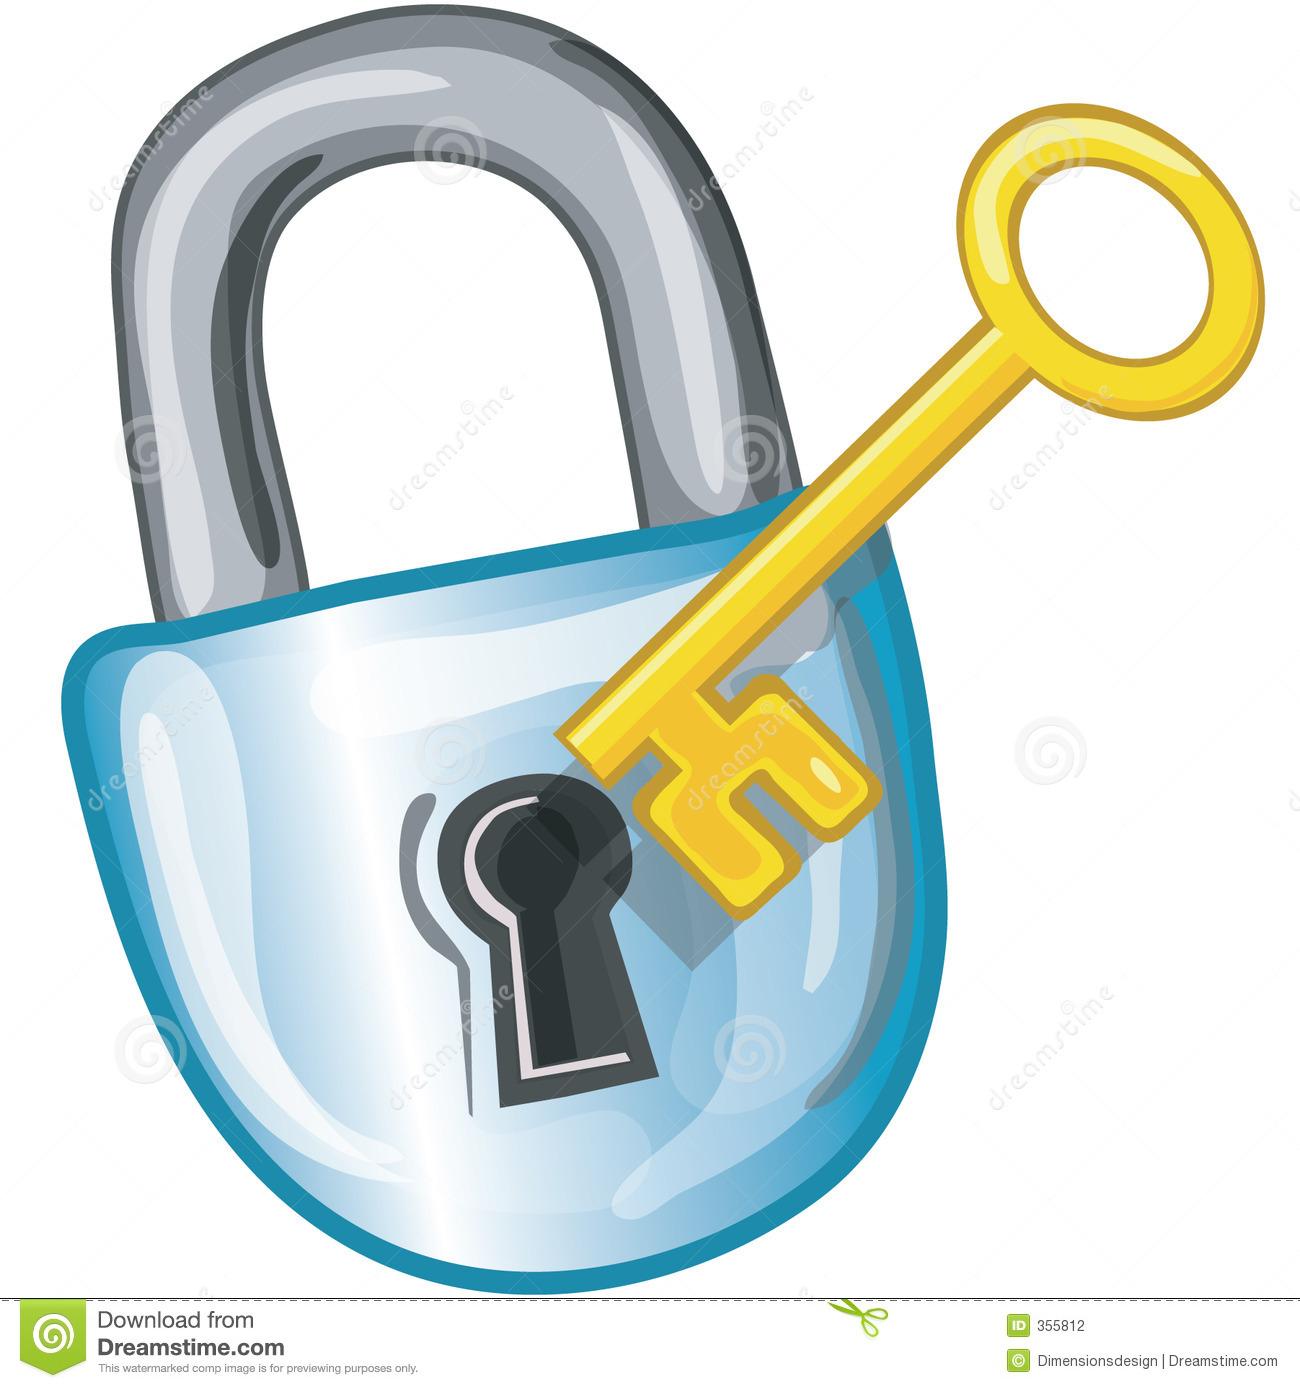 9 Lock Key Icon Images